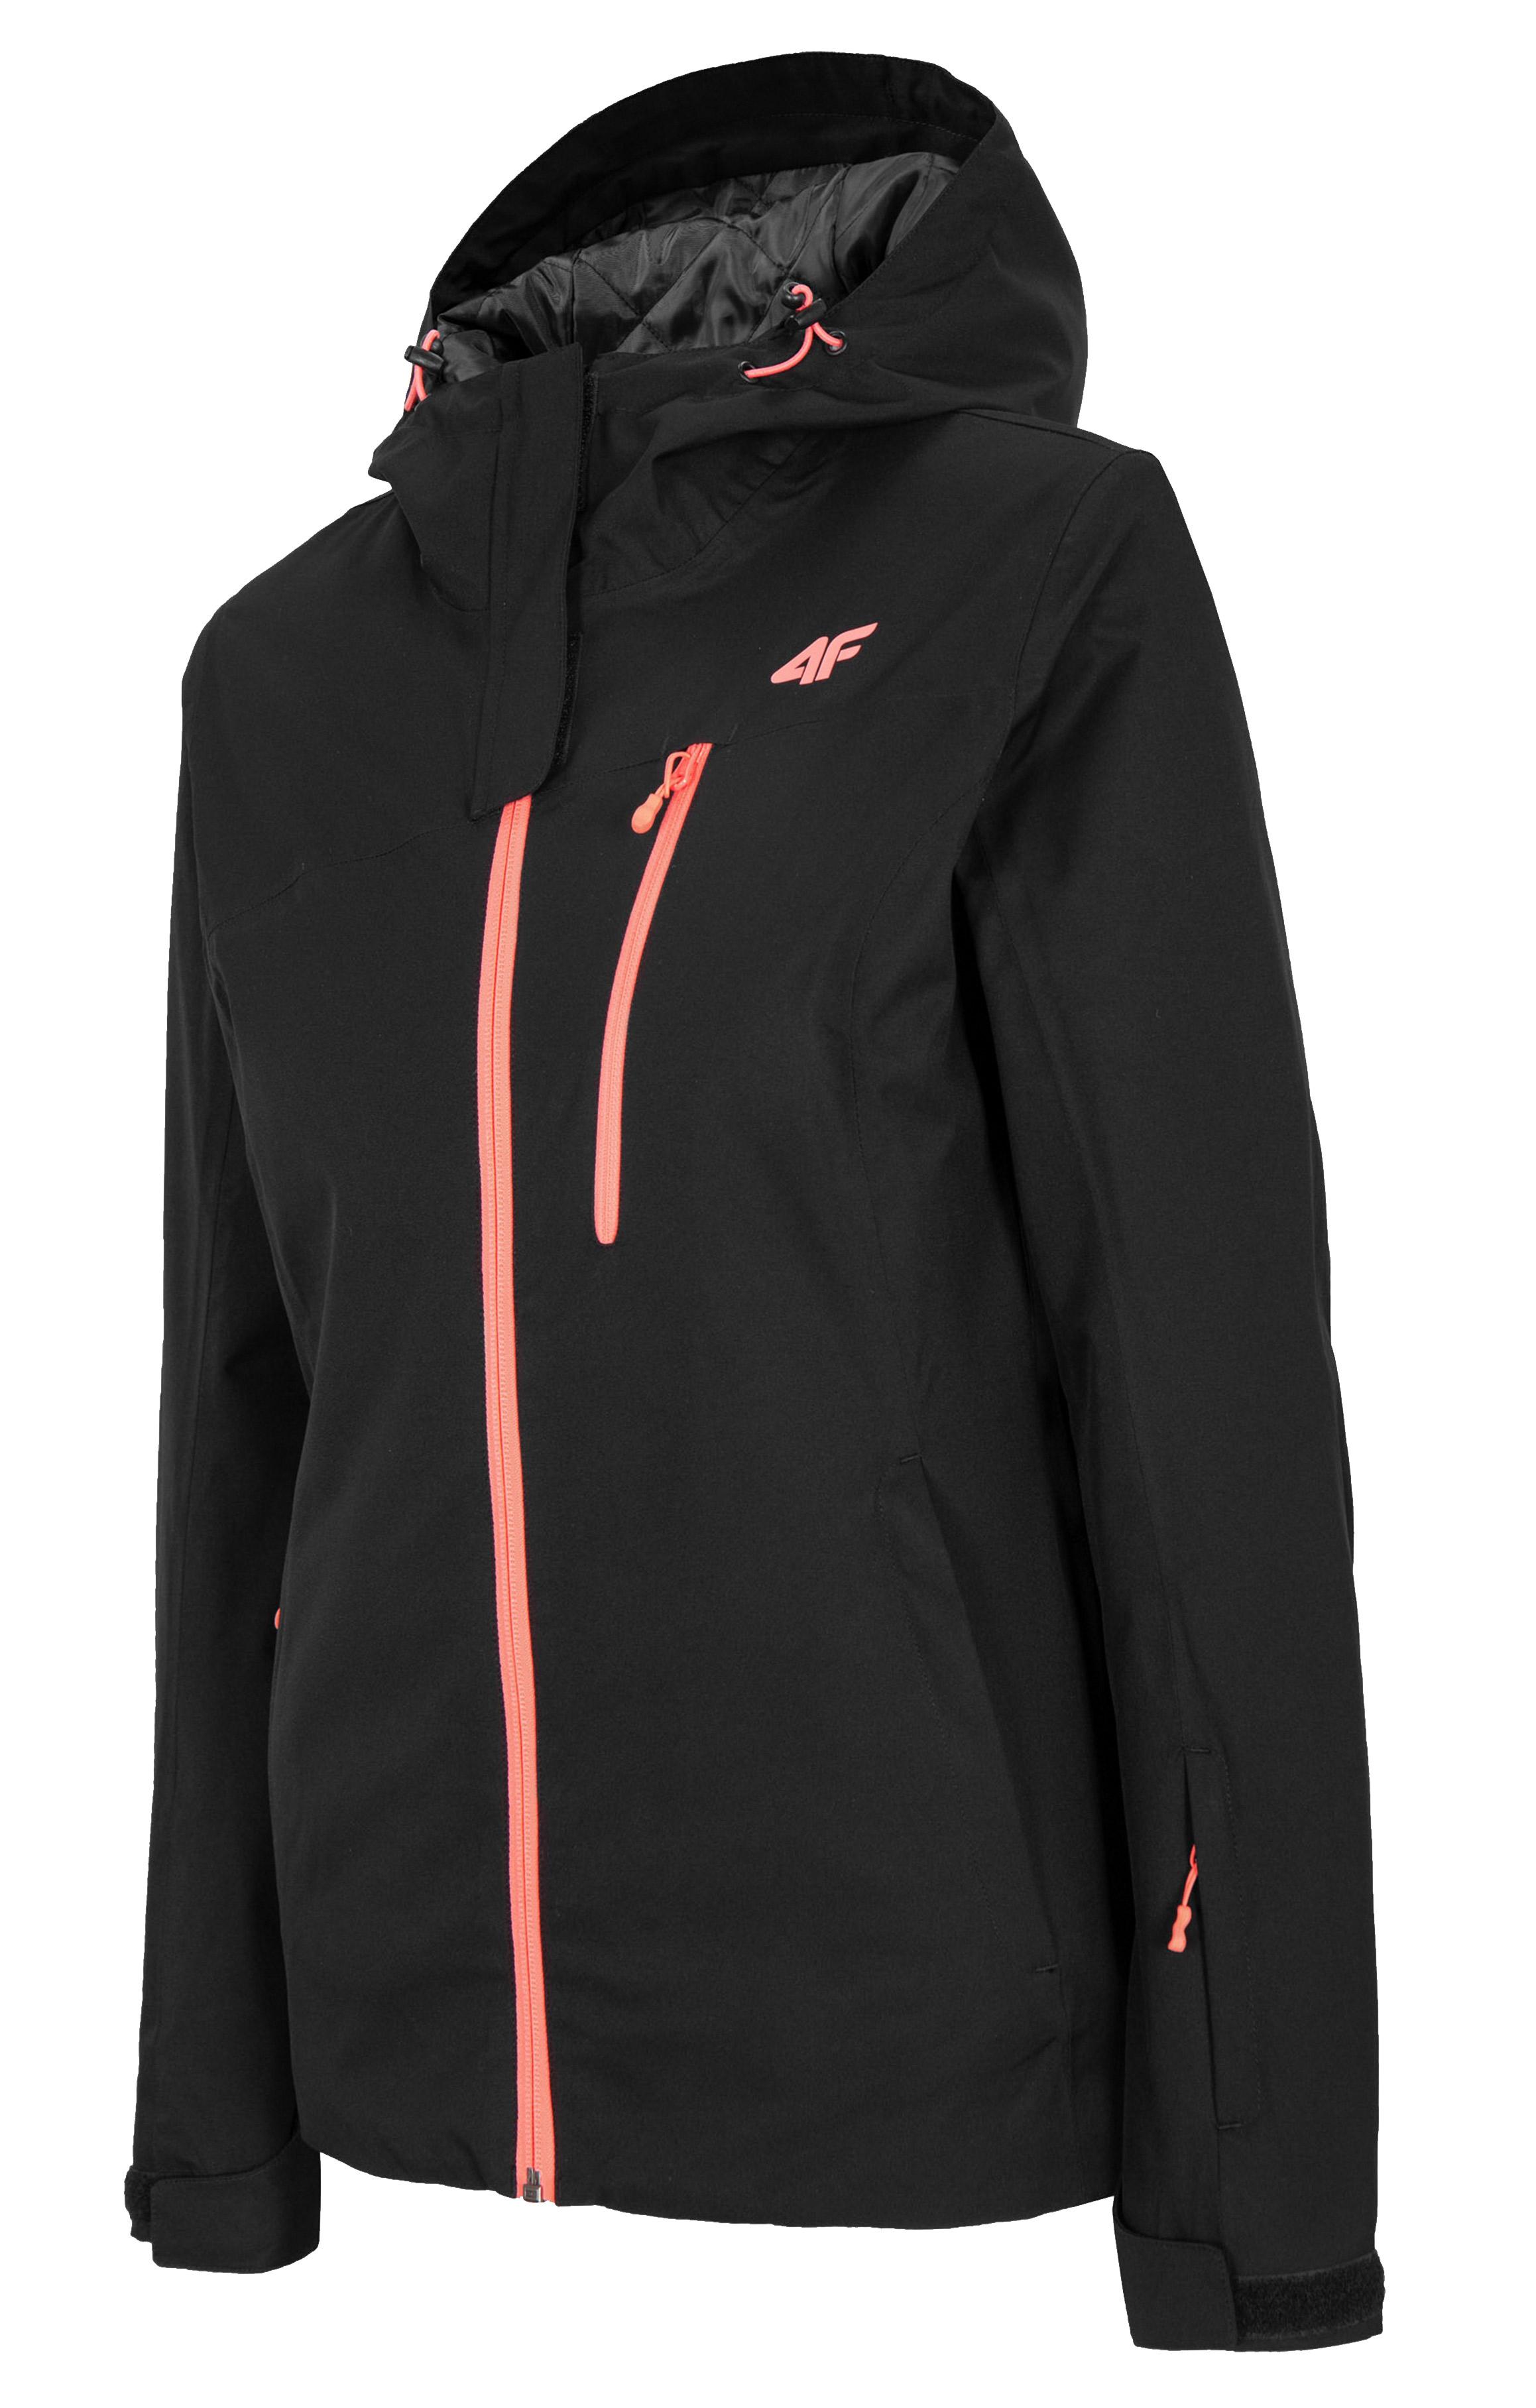 ג'קט ומעיל פור אף לנשים 4F NeoDry 8000 - שחור